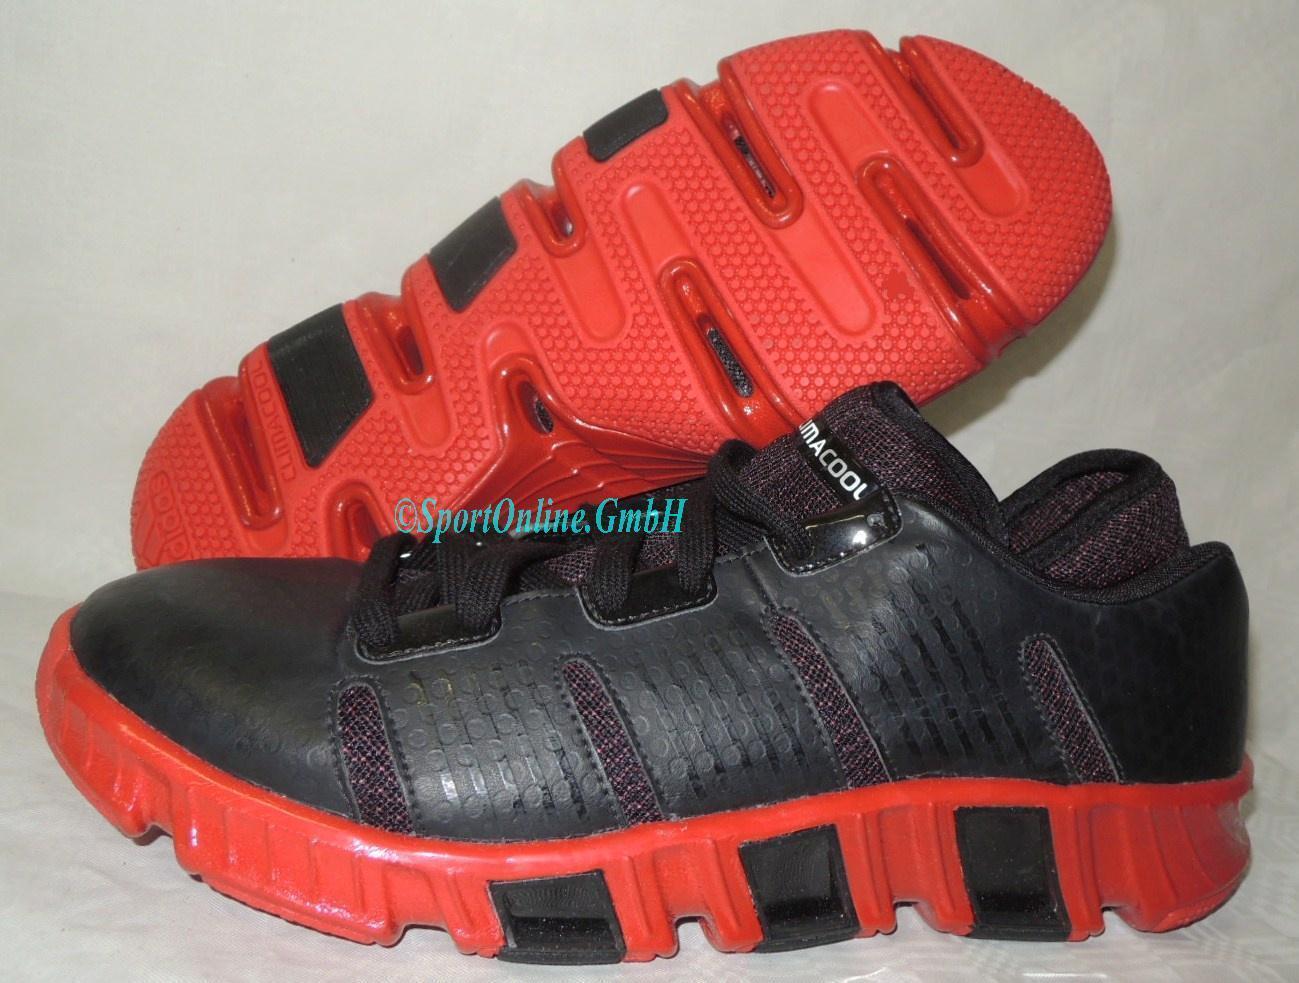 NEU adidas Clima 360 Low Herren Gr. 42 2/3 Basketball Schuhe Sportschuhe G20838